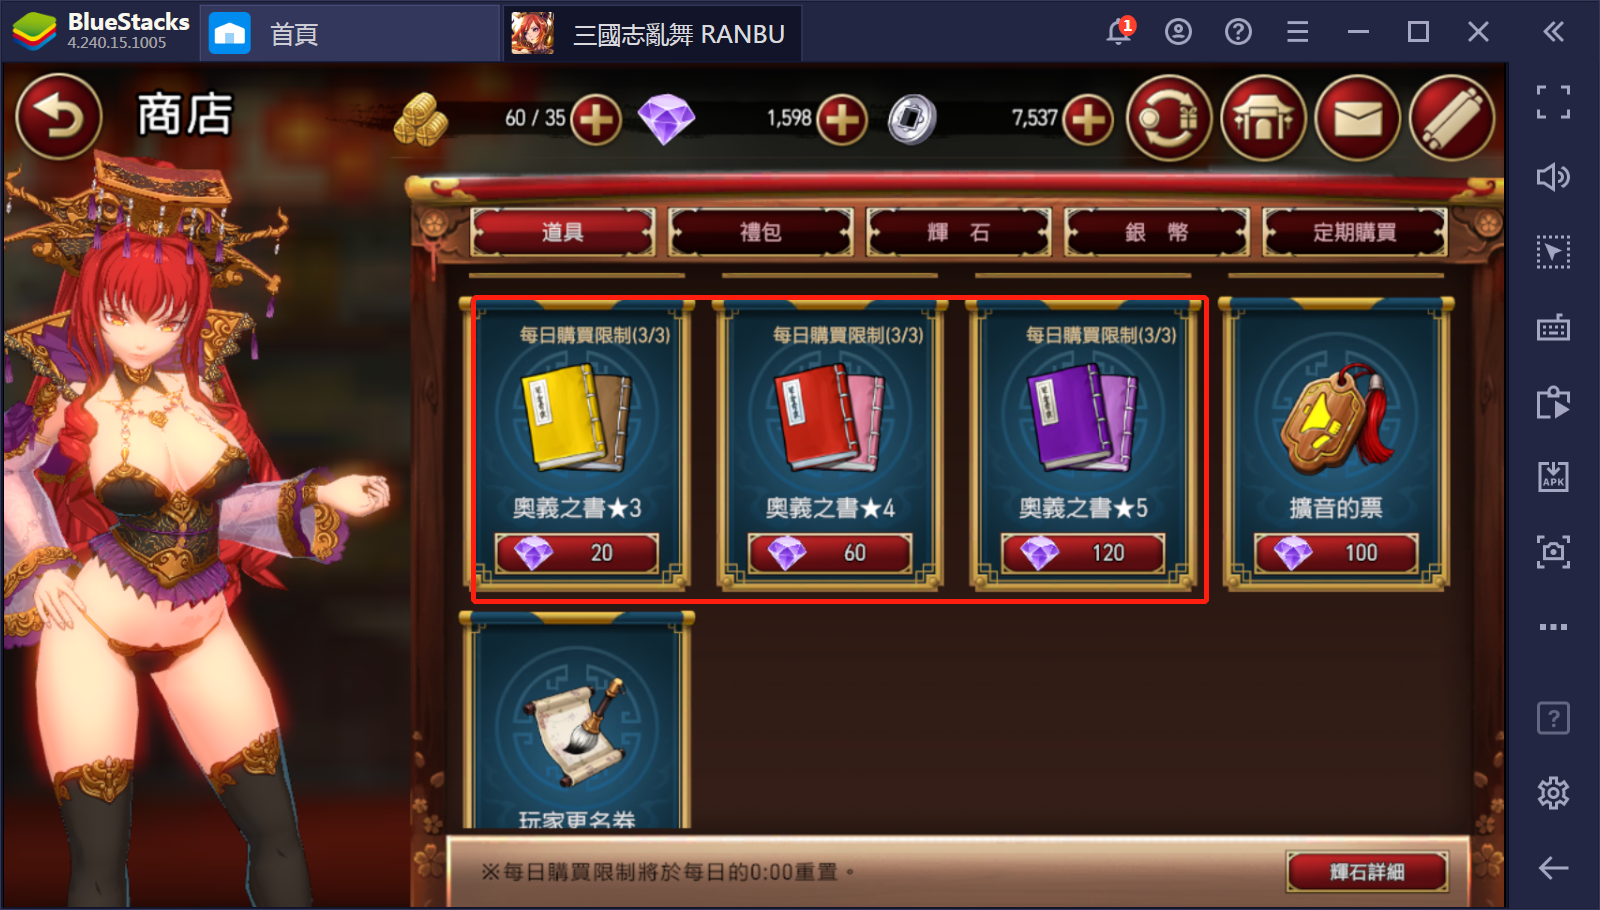 使用BlueStacks在PC上遊玩RTS即時戰略手遊《Ranbu 三國之亂舞》